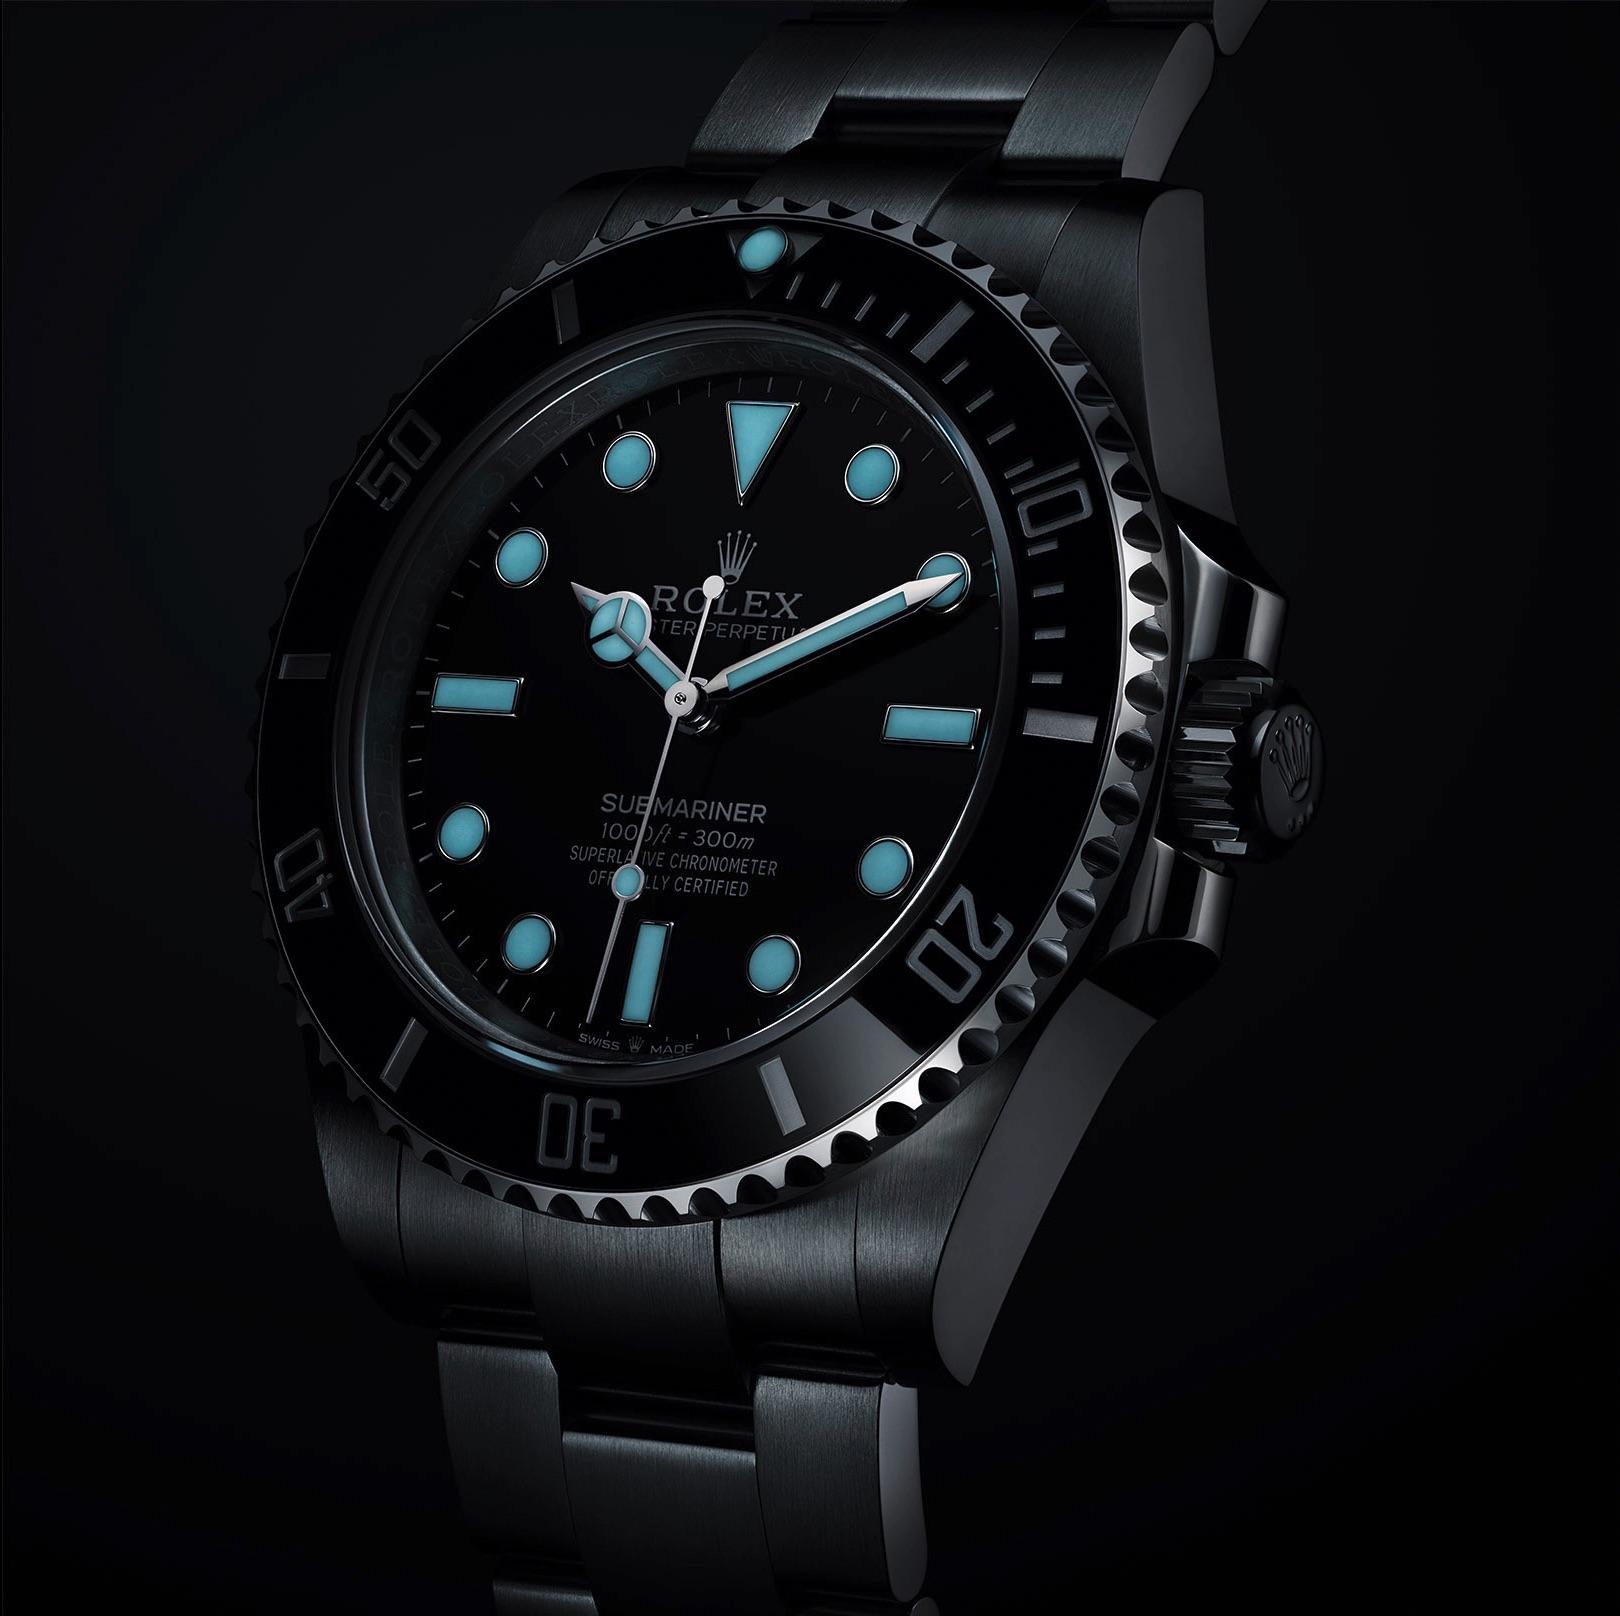 Rolex Submariner No Date 124060 noche